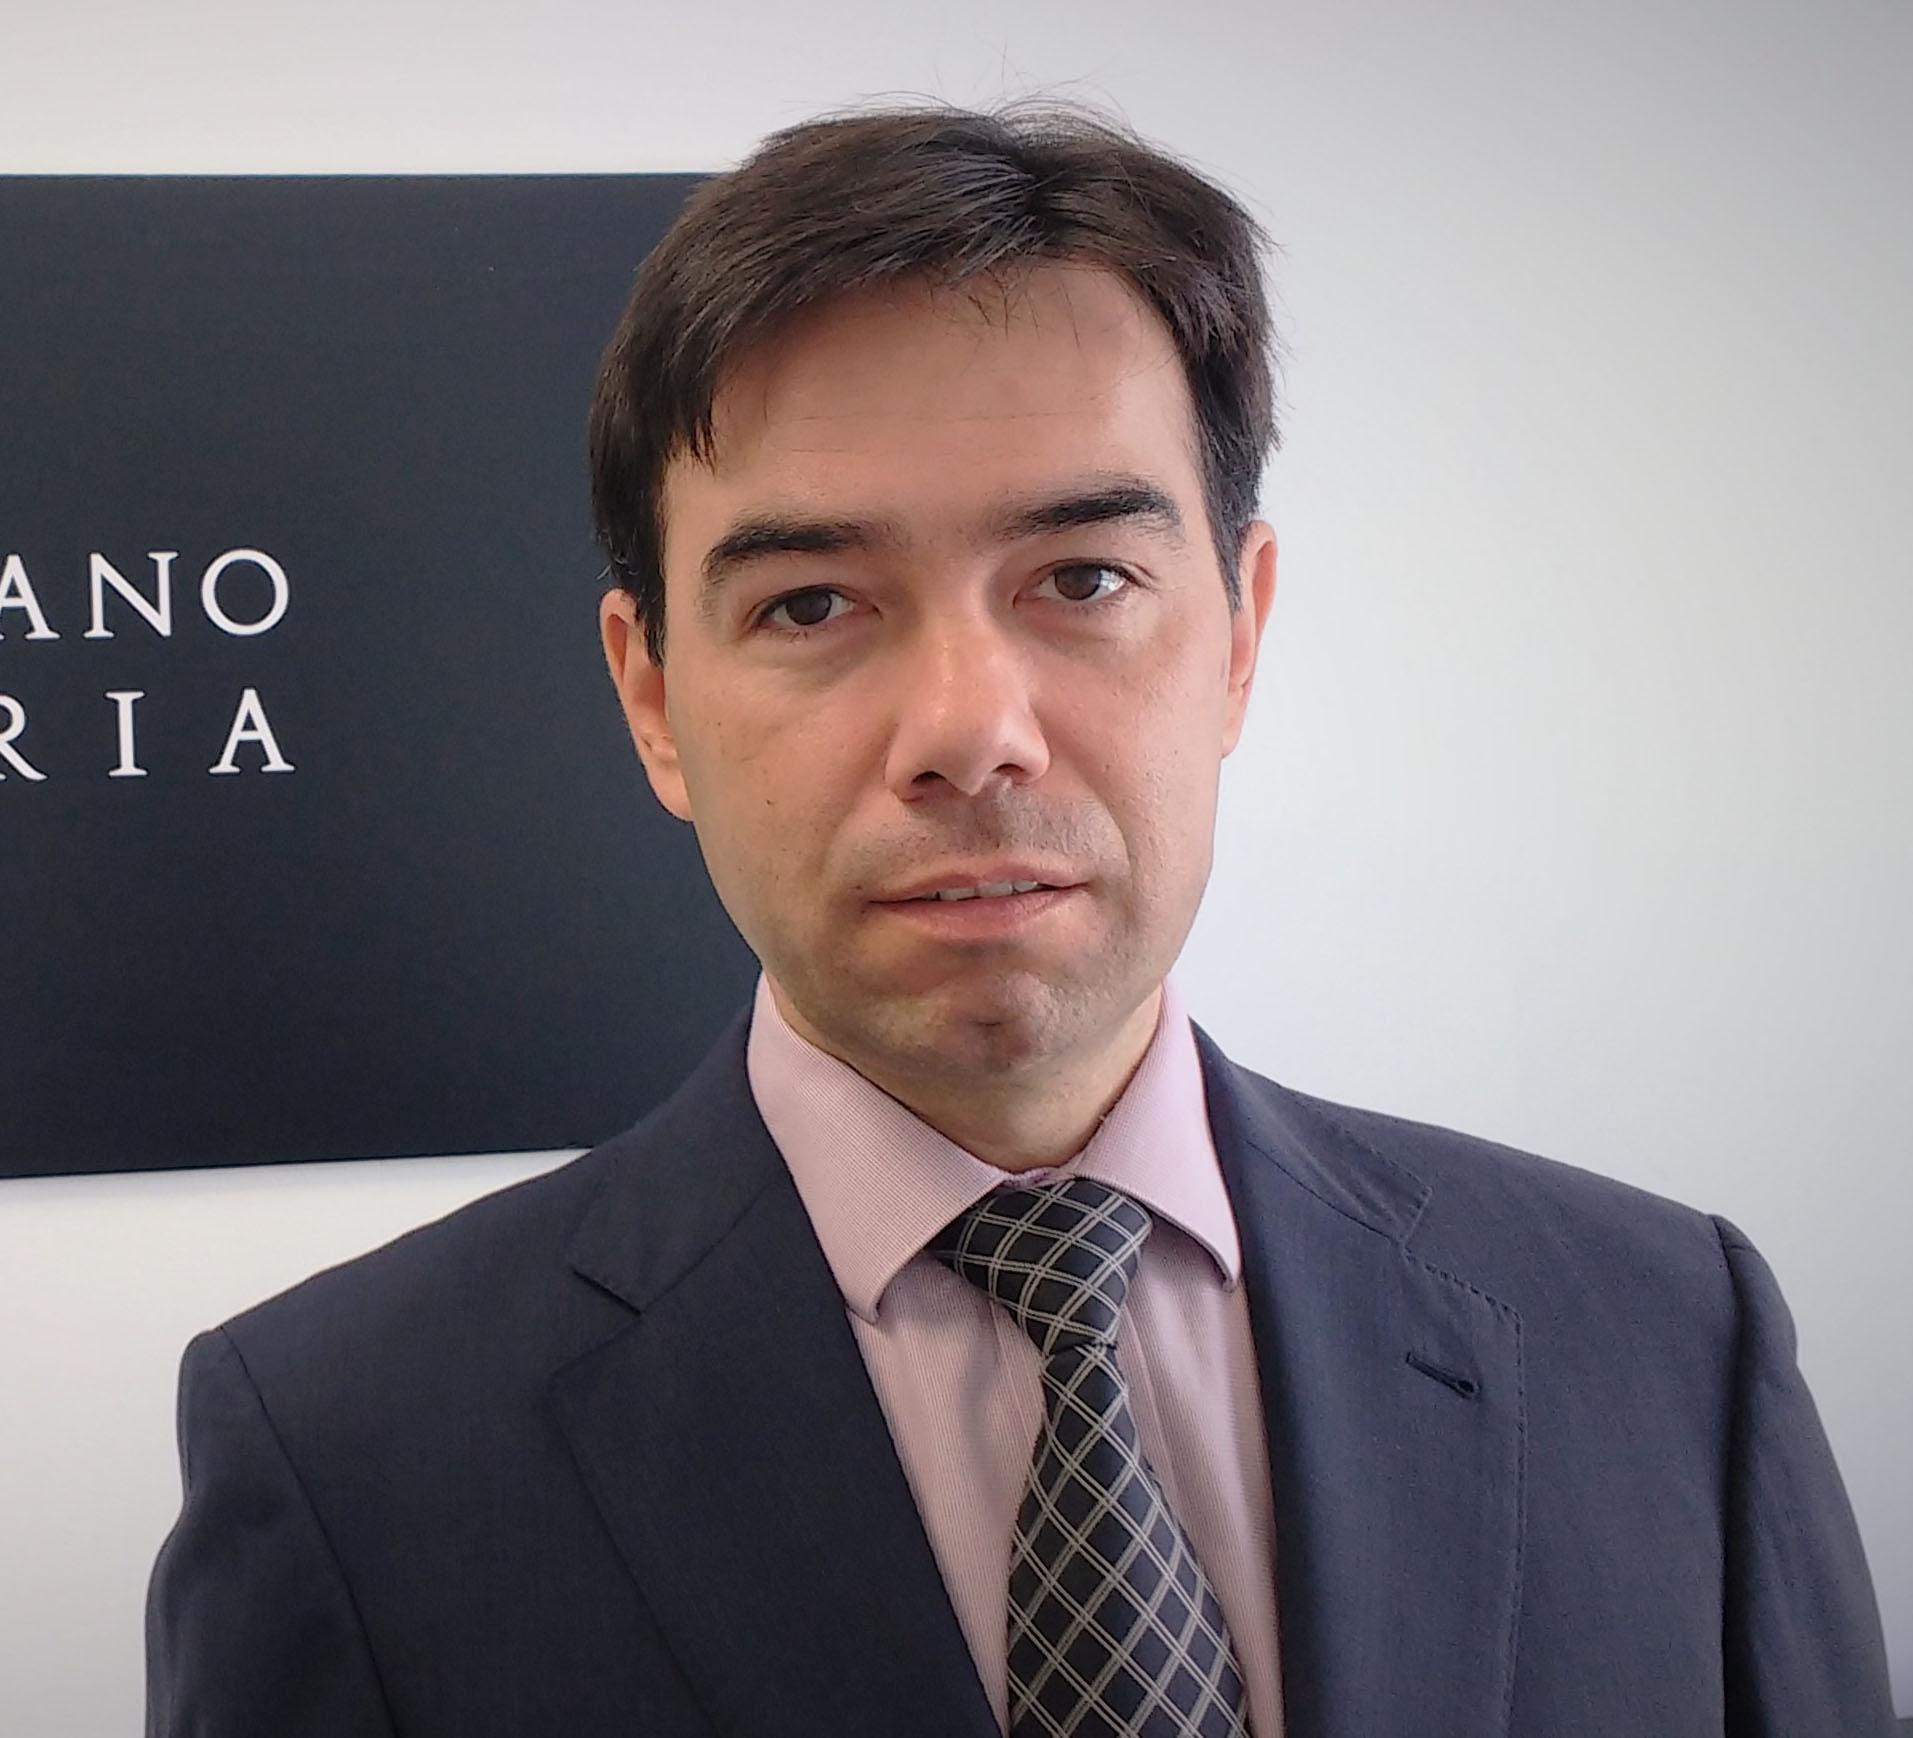 DIONISIO SEVILLA - Director Financiero - Trajano Iberia